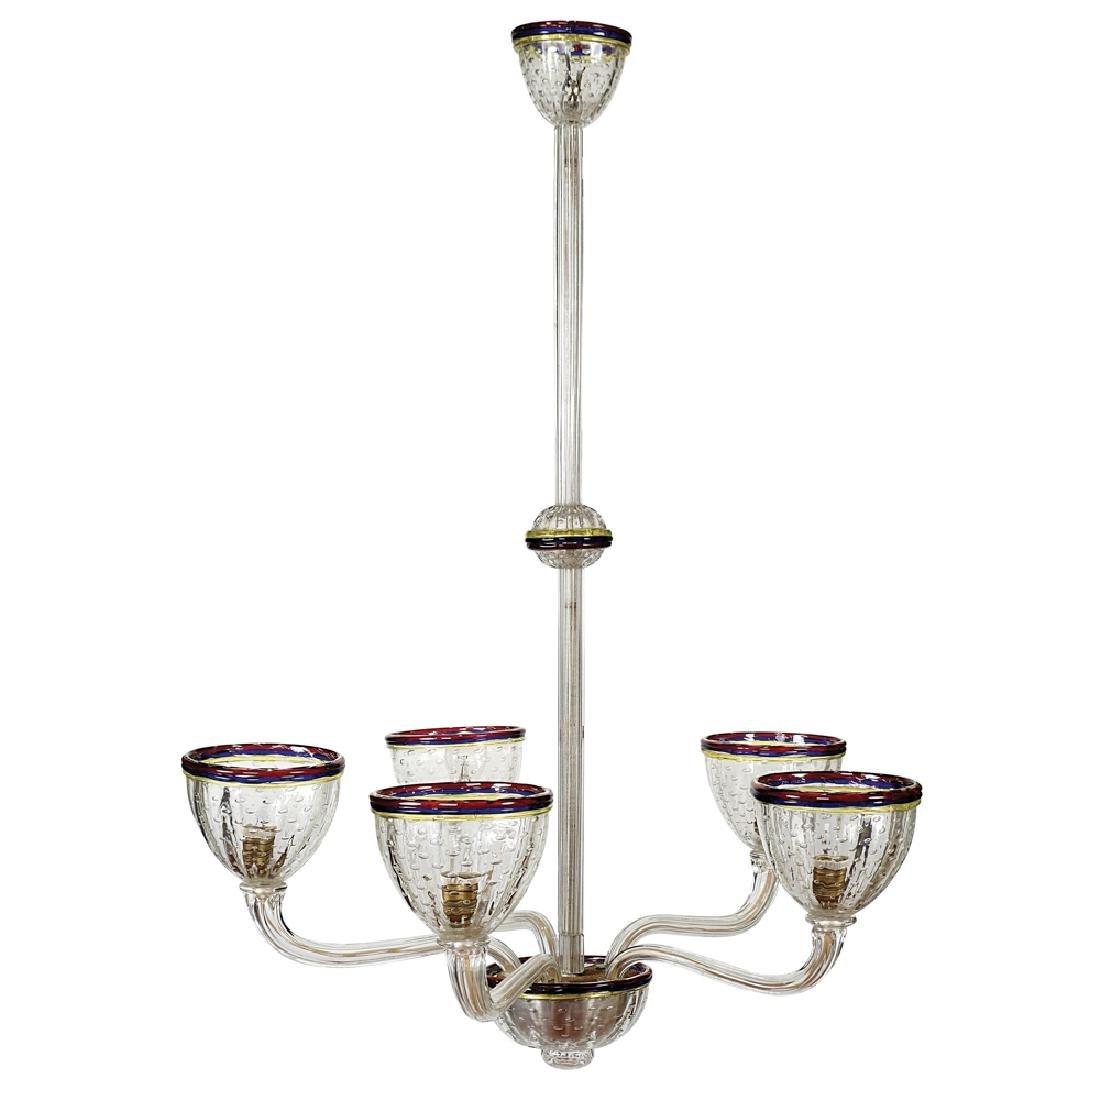 Hanging lamp Murano, 20th century h. 111 cm.